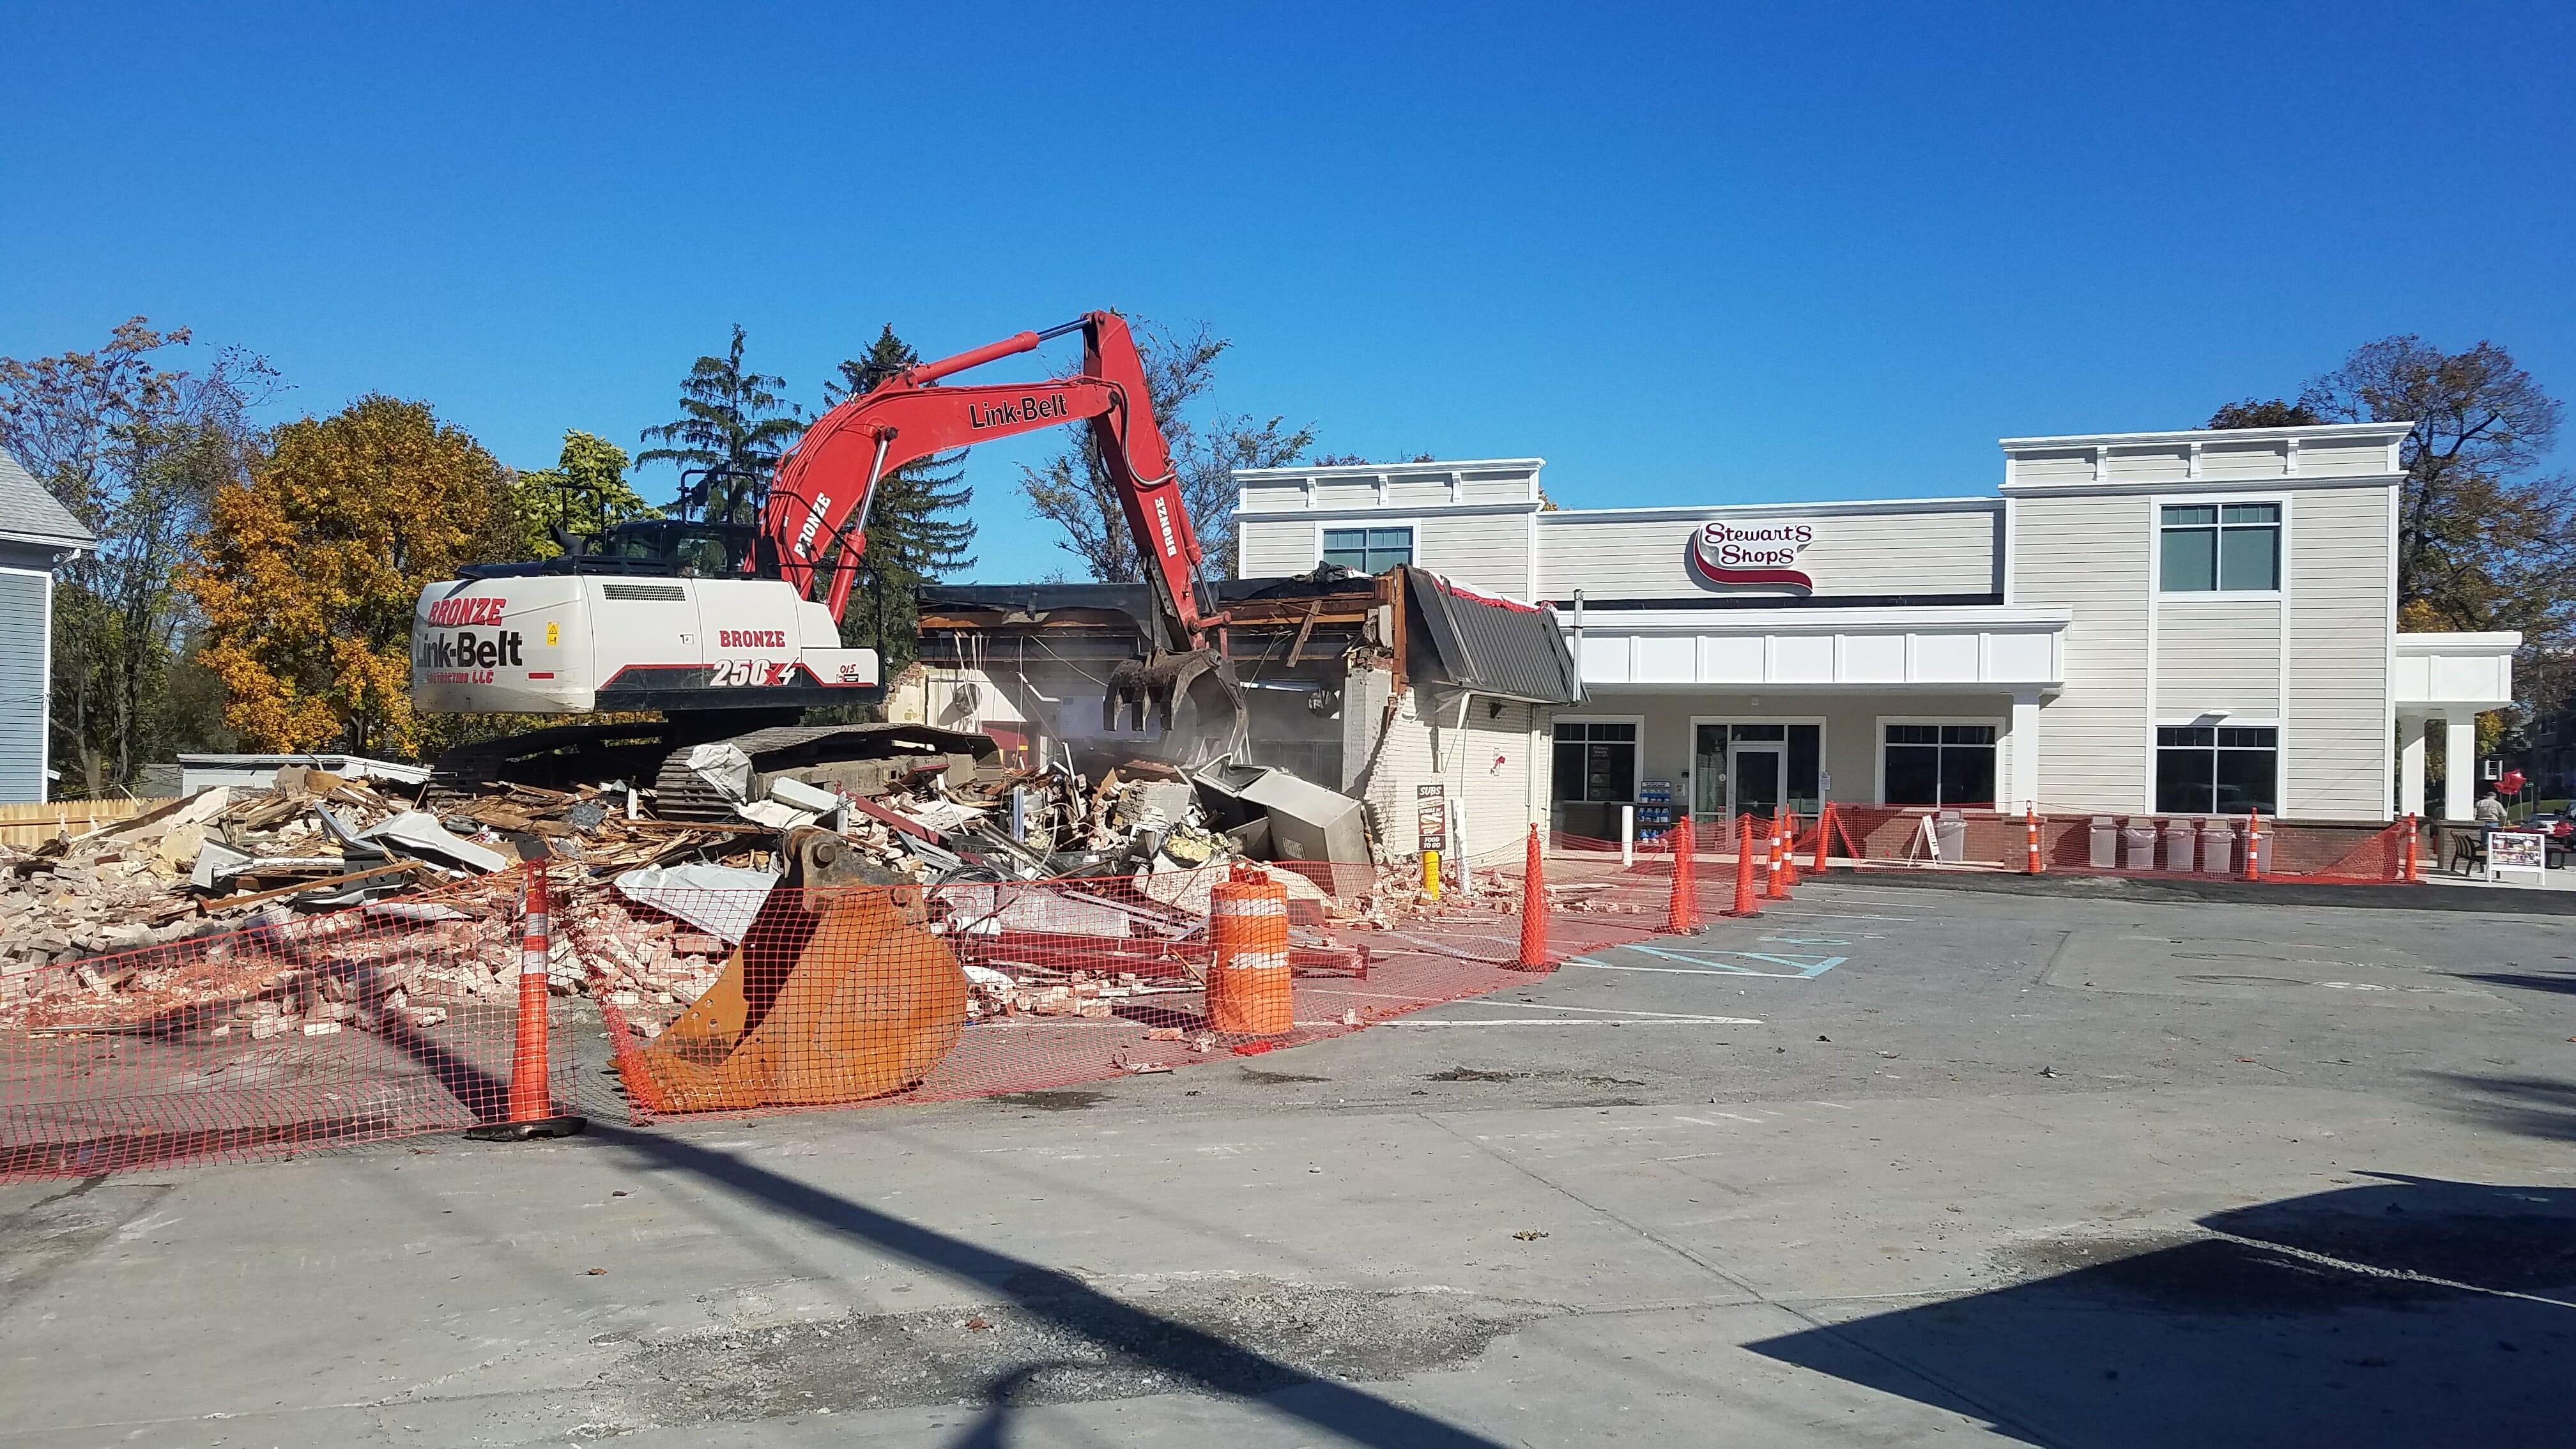 old stewart's shop being demolished by backhoe